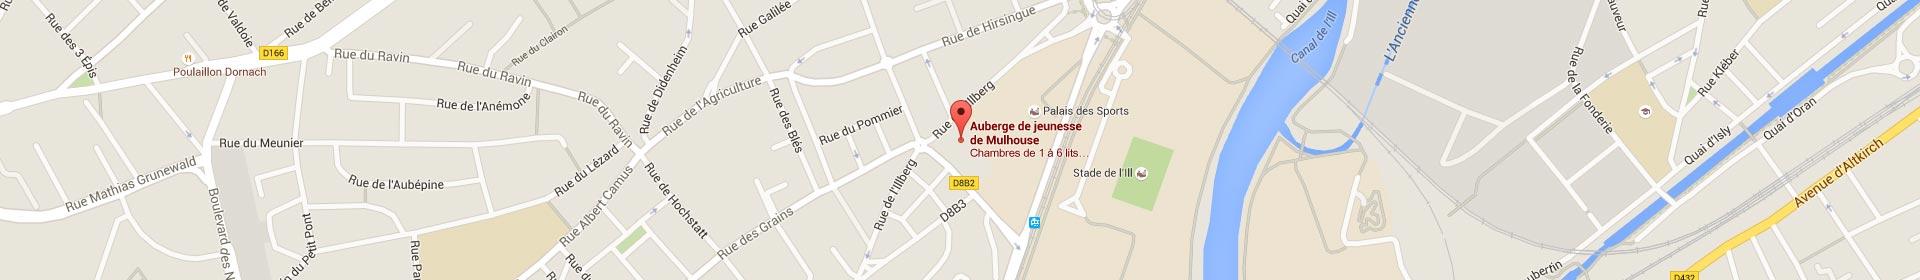 Trouvez l'auberge de jeunesse sur Mulhouse et optez pour un hébergement pas cher destiné aux familles et aux groupes scolaires